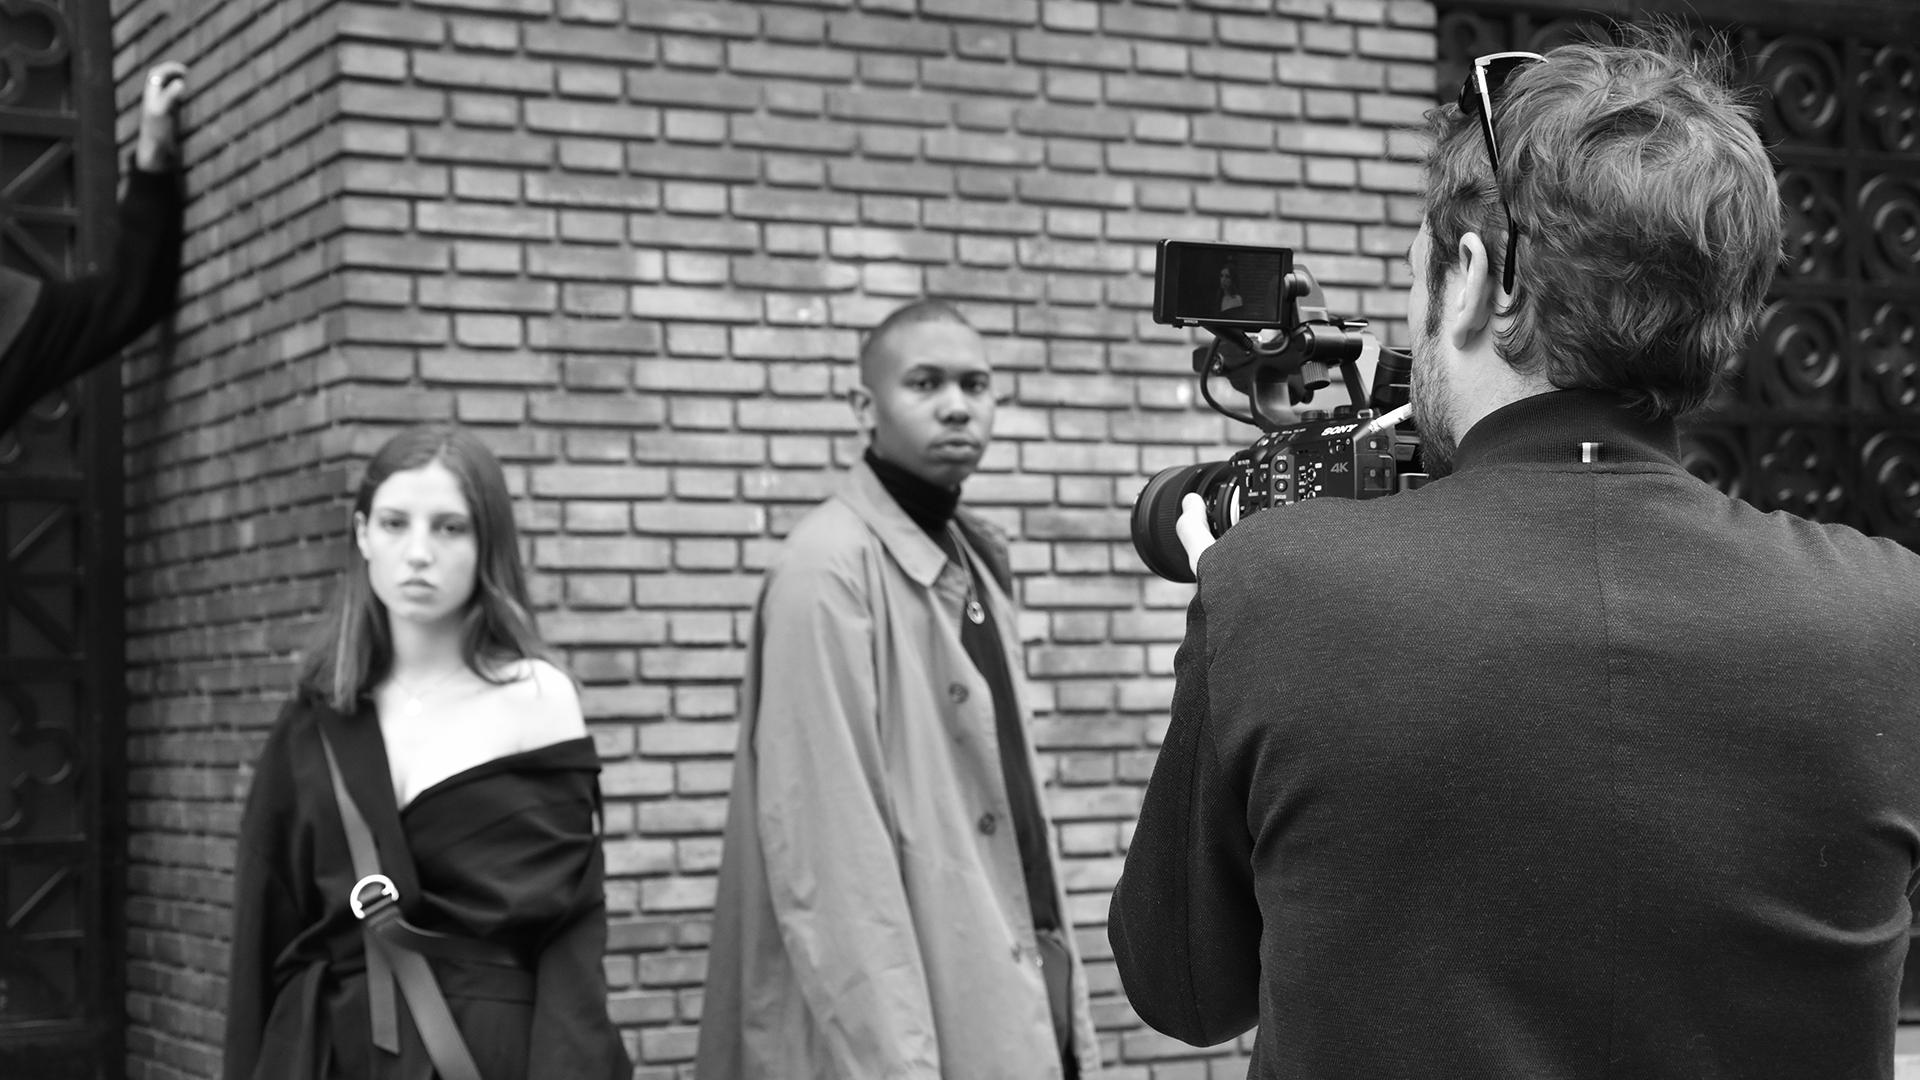 vidéos de mode pour une marque